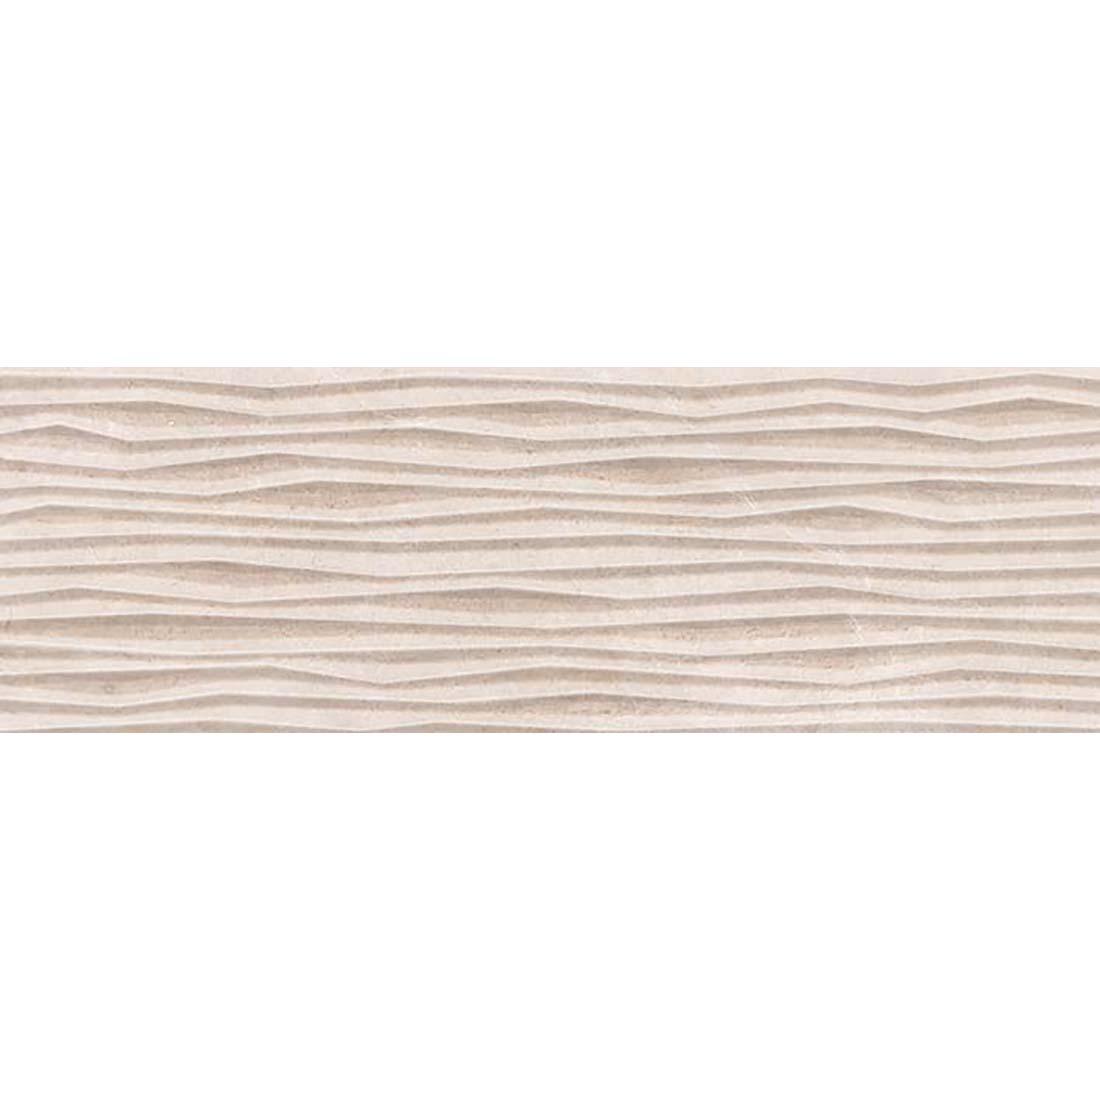 Mist Stripe Decor 20x60 Beige 1